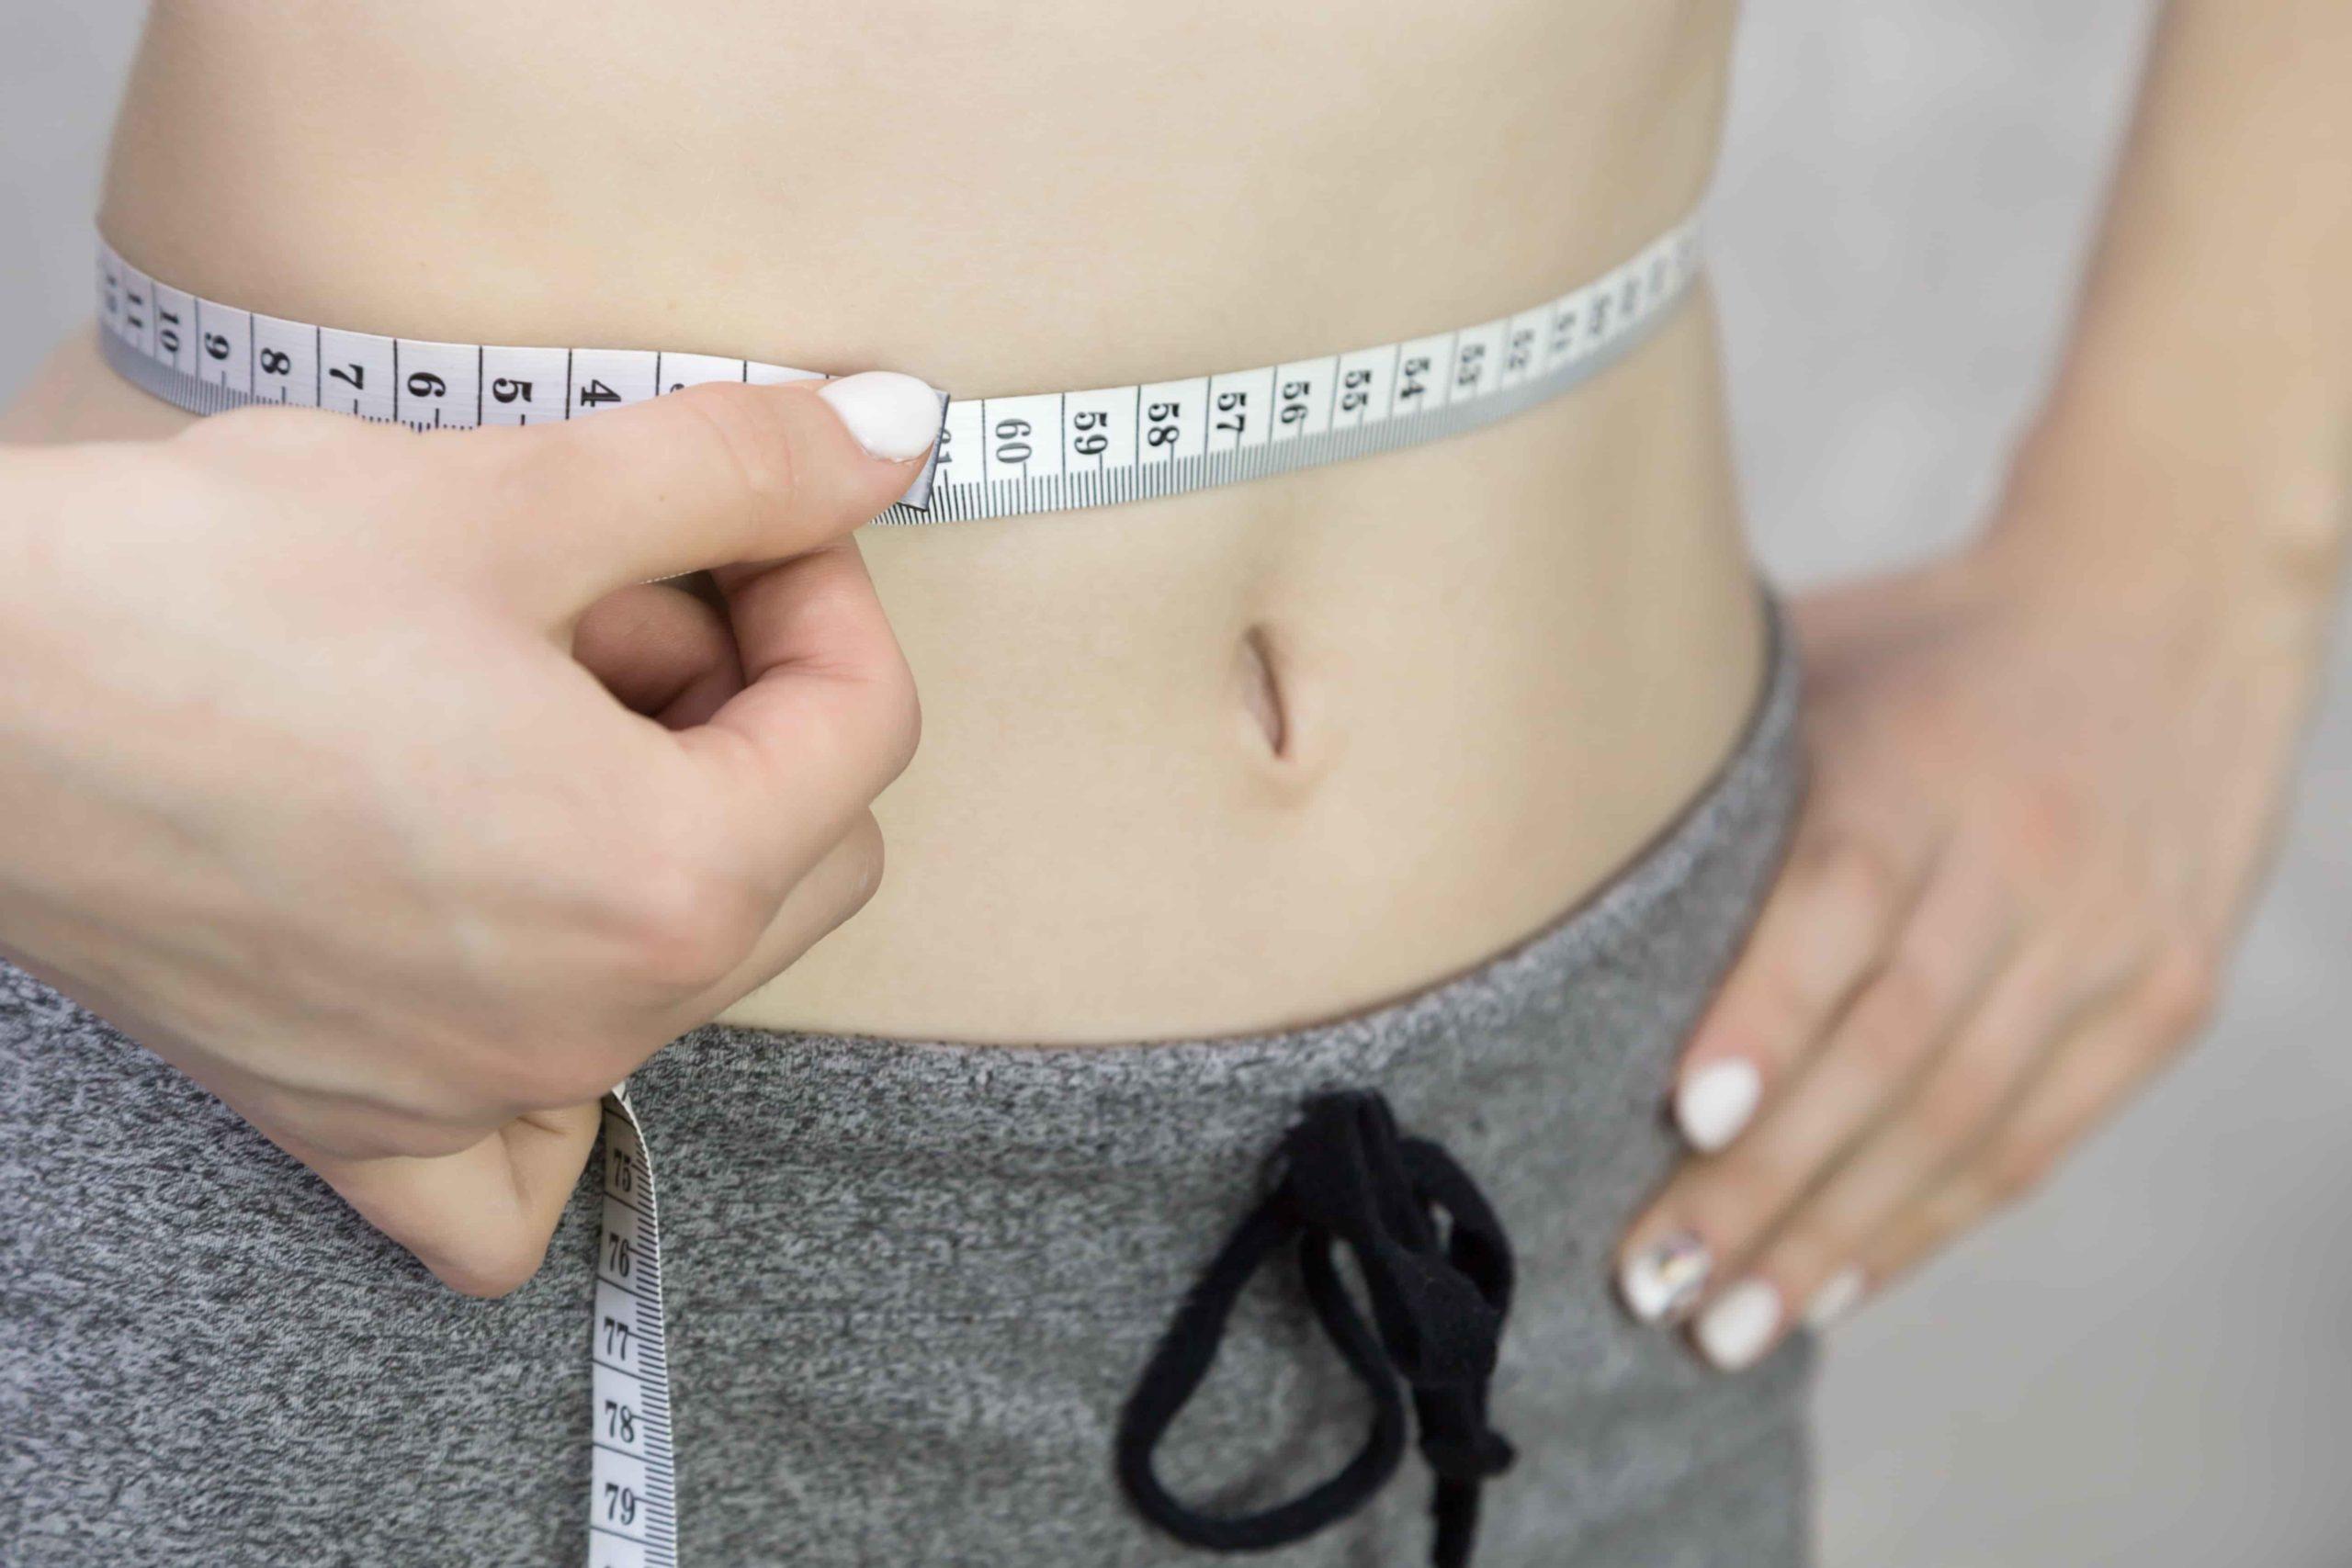 Как убрать жир с живота. Причины образования жира на животе. Способы избавления от живота